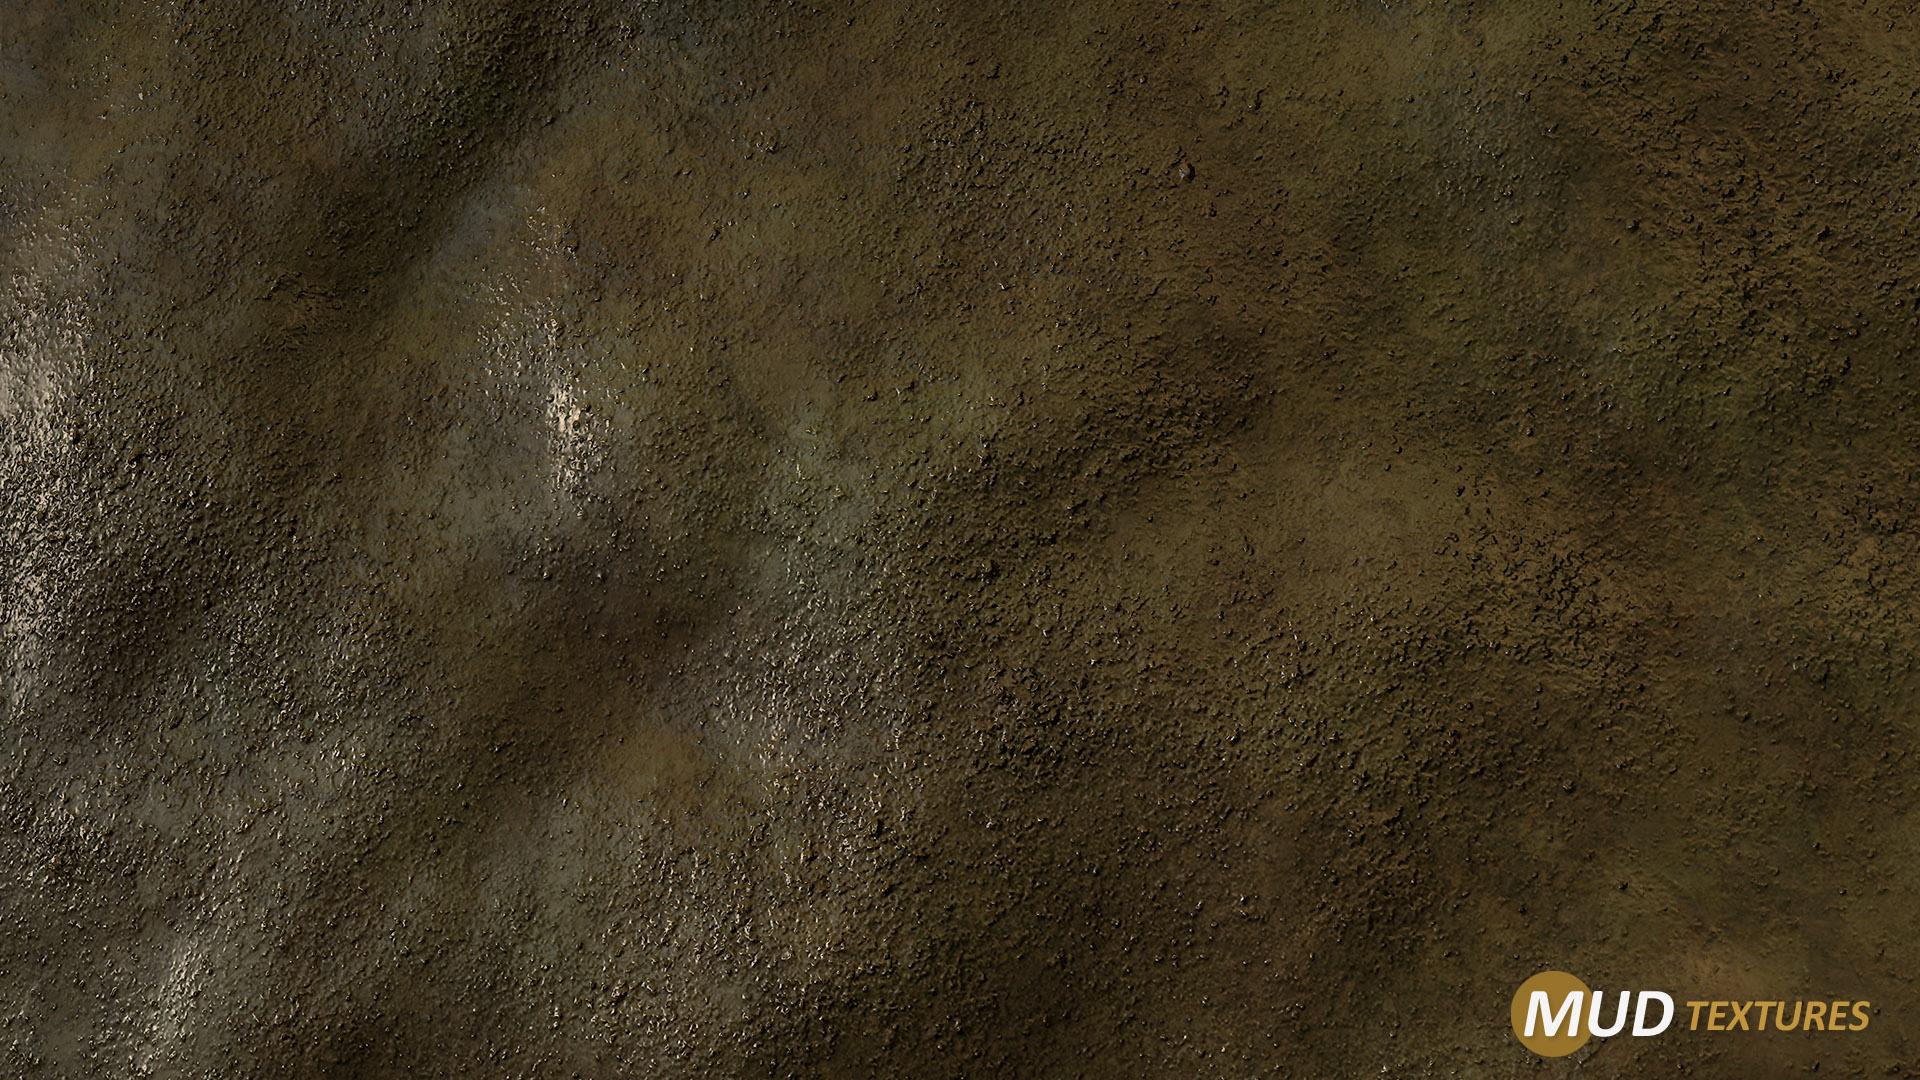 mud_texture_07.jpg